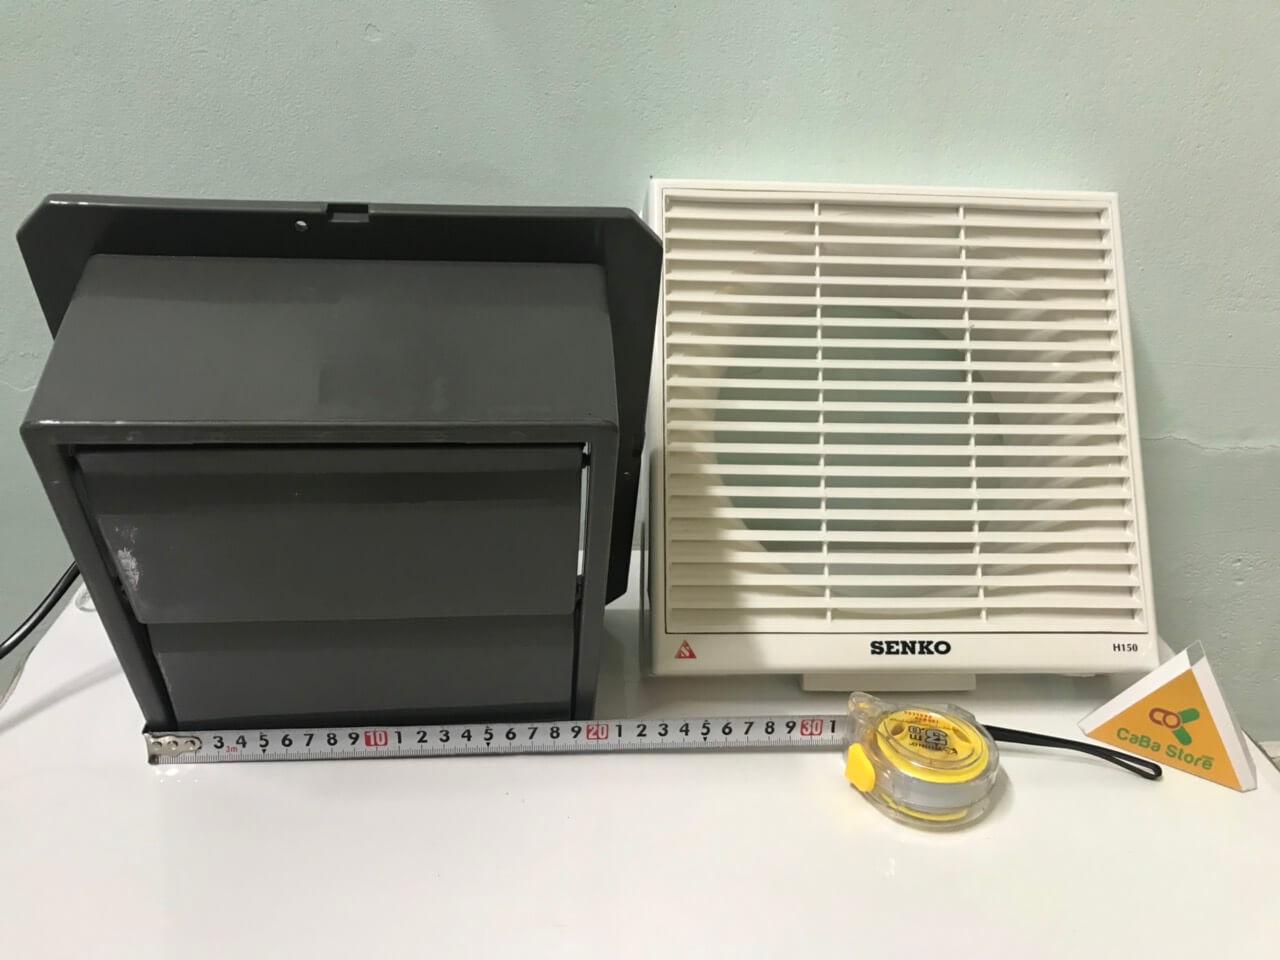 Quạt hút âm tường Senko H150 chính hãng loại 1 | CaBa Store